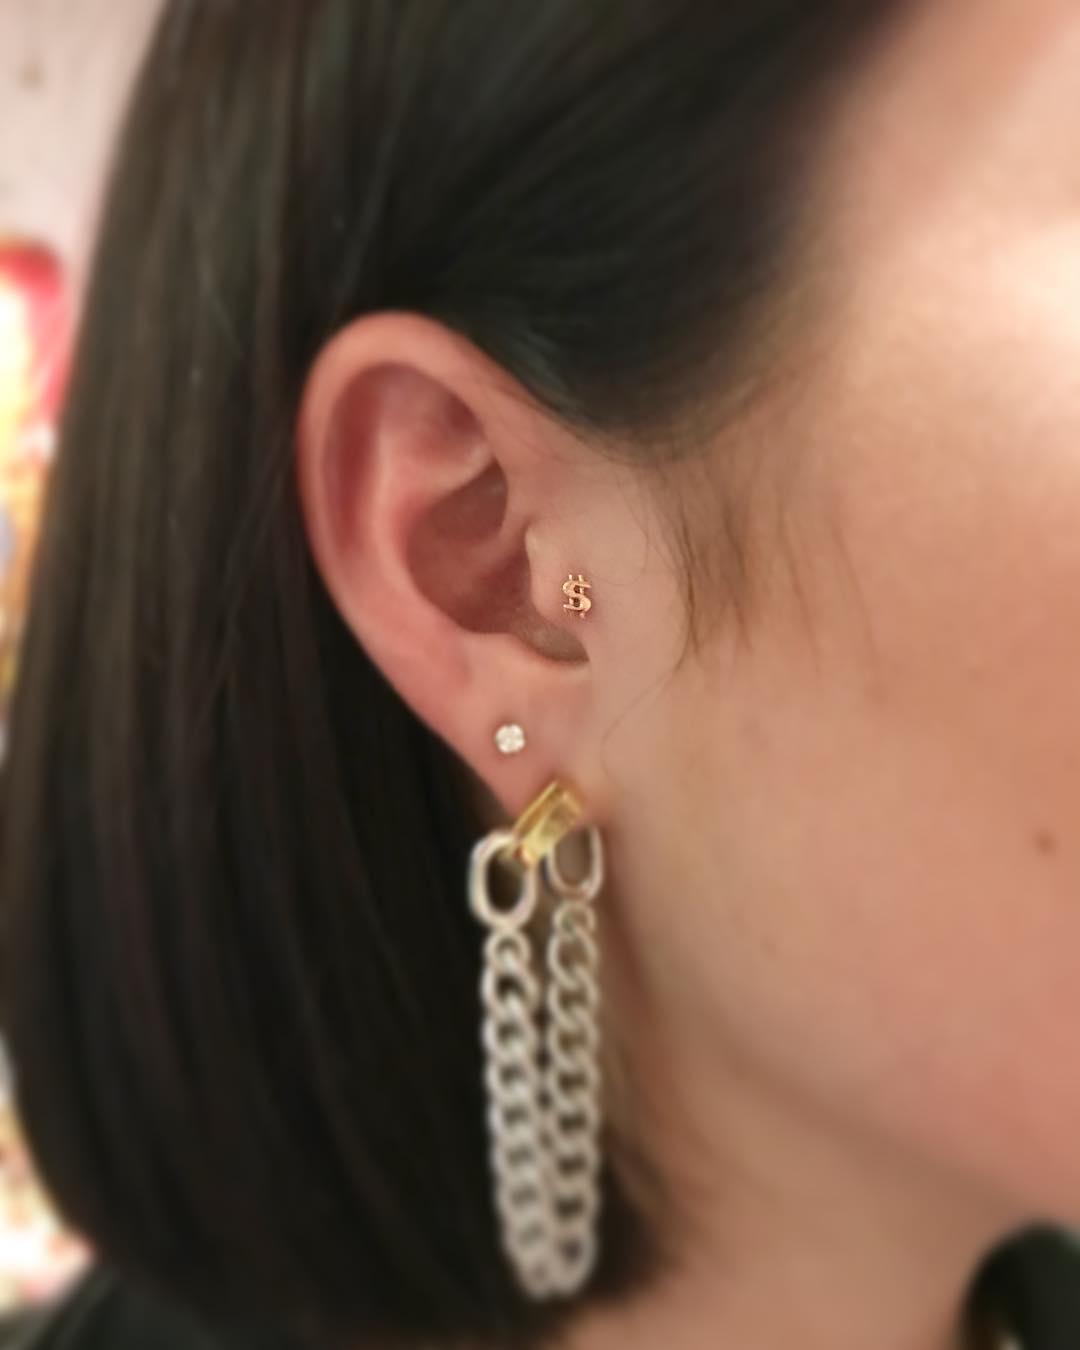 Piercings na orelha cifrão